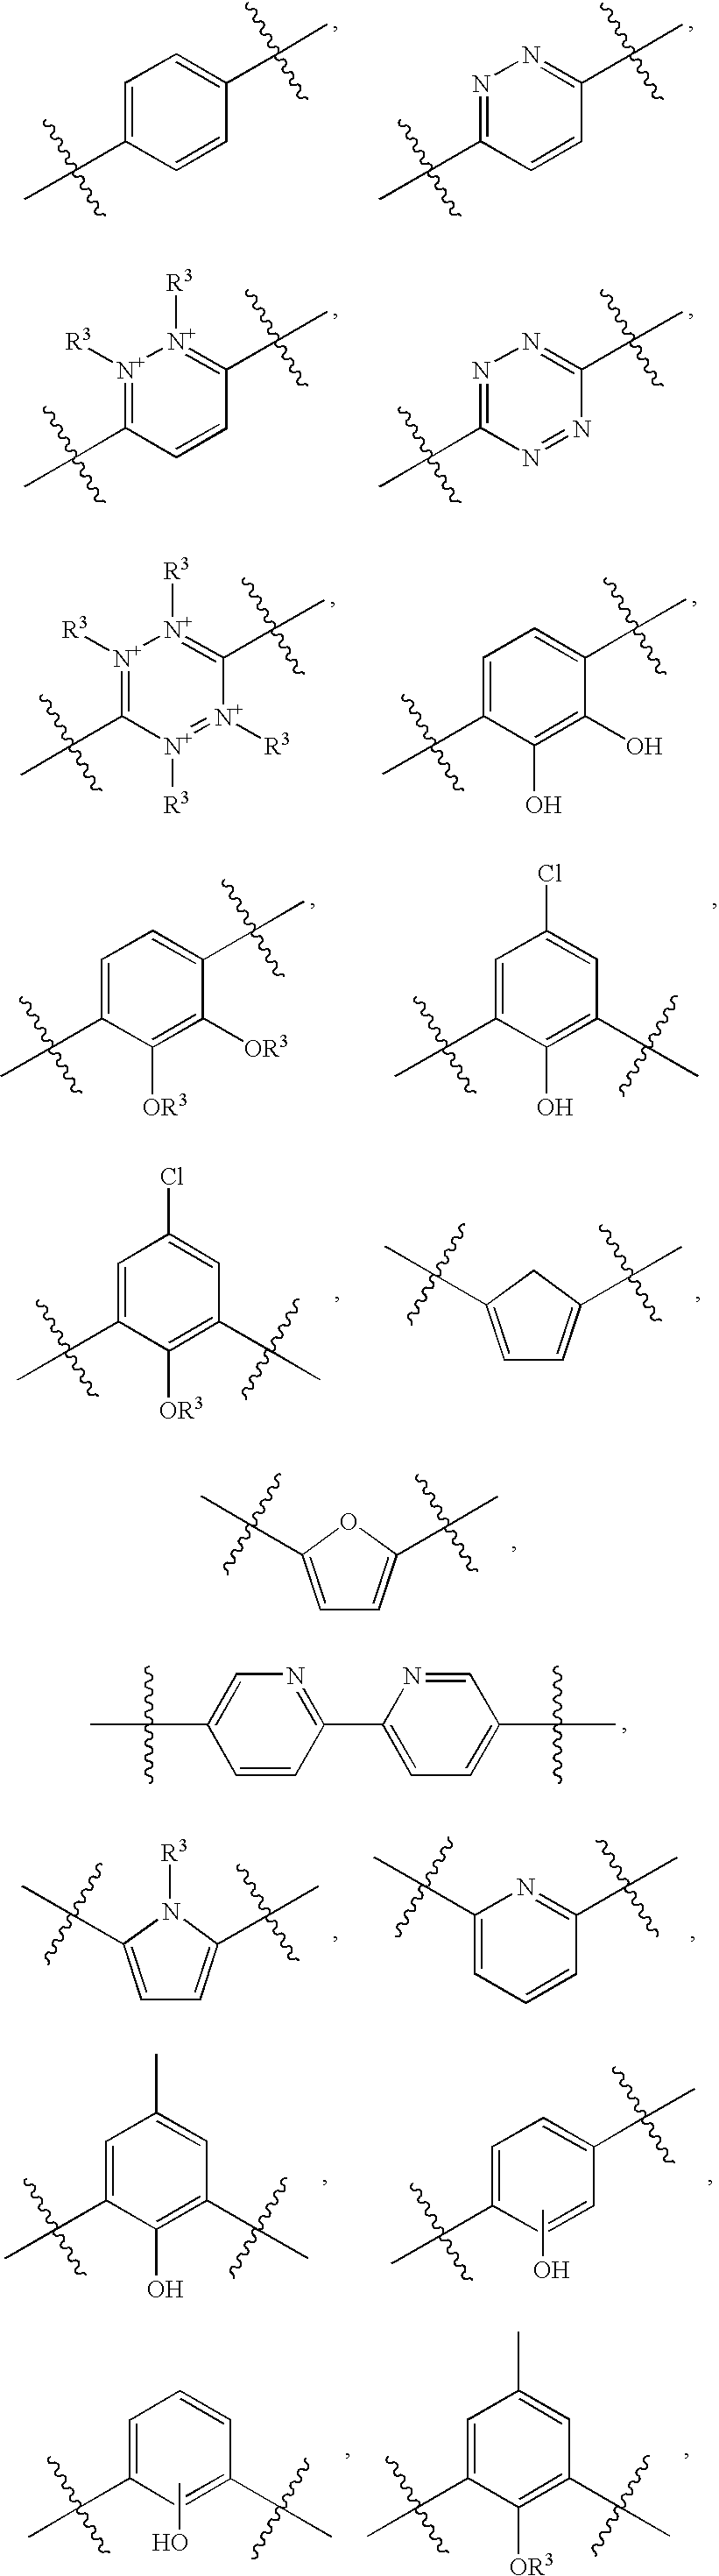 Figure US20080207581A1-20080828-C00010